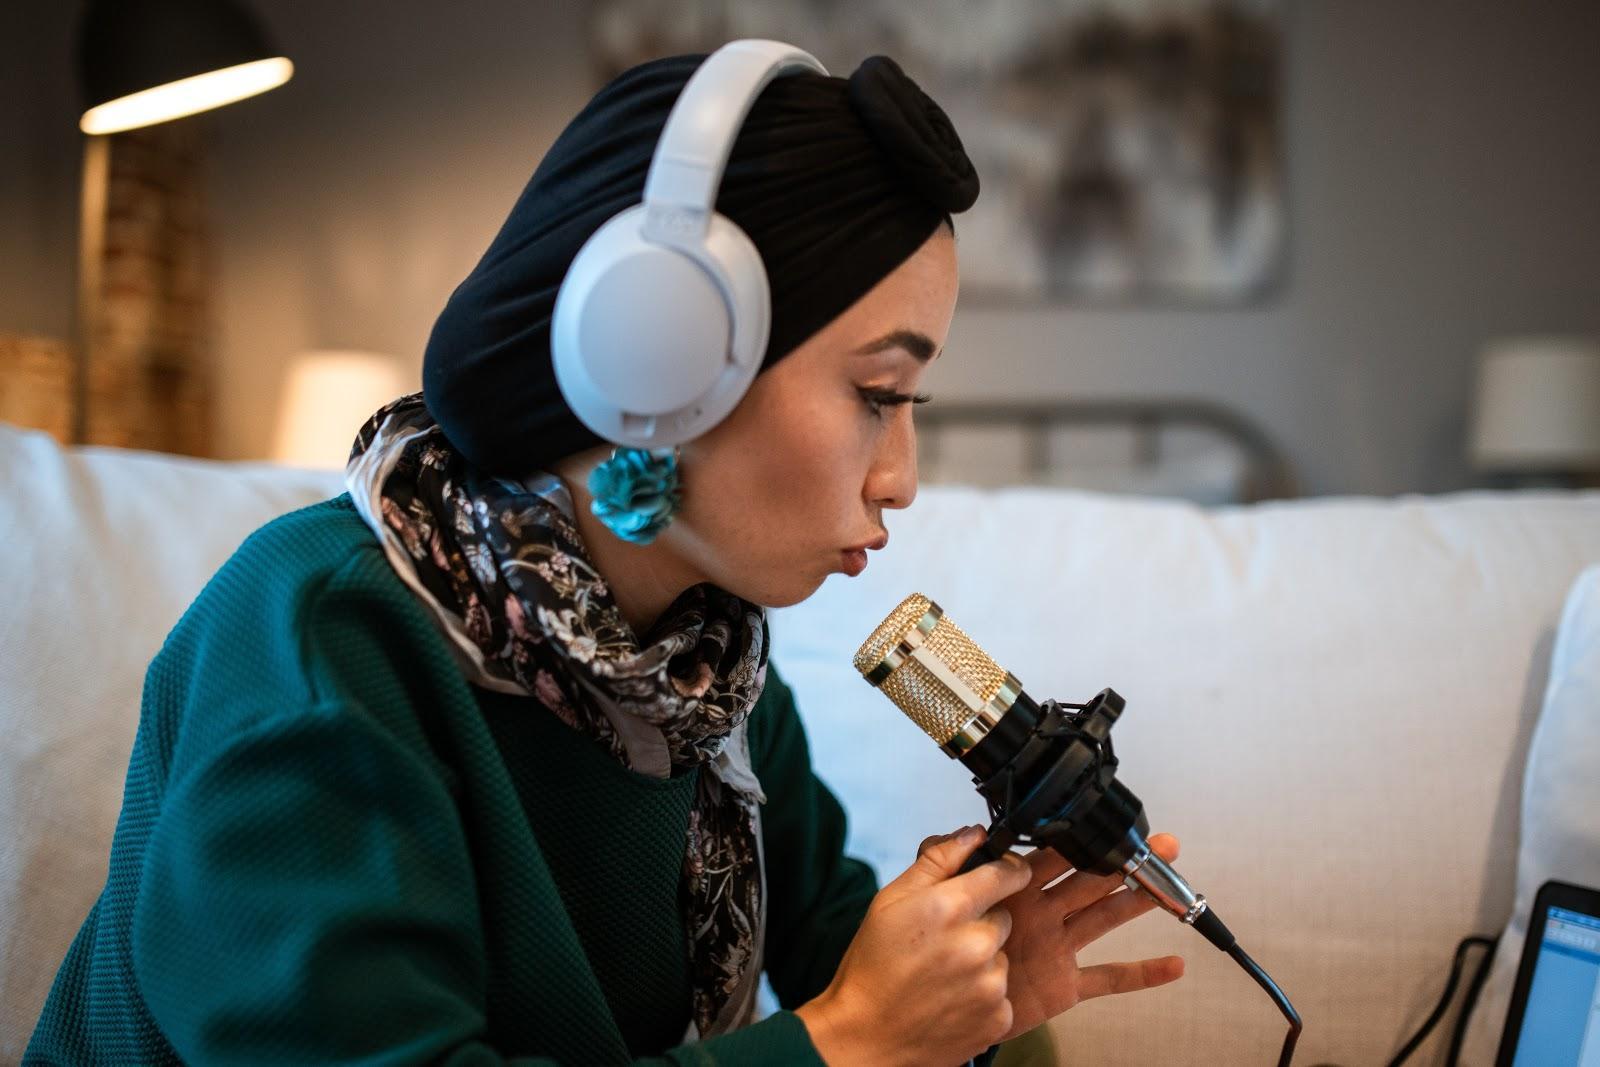 Développez votre audience de podcasts avec ces 5 étapes simples - 5. Collaborez avec d'autres podcasteurs